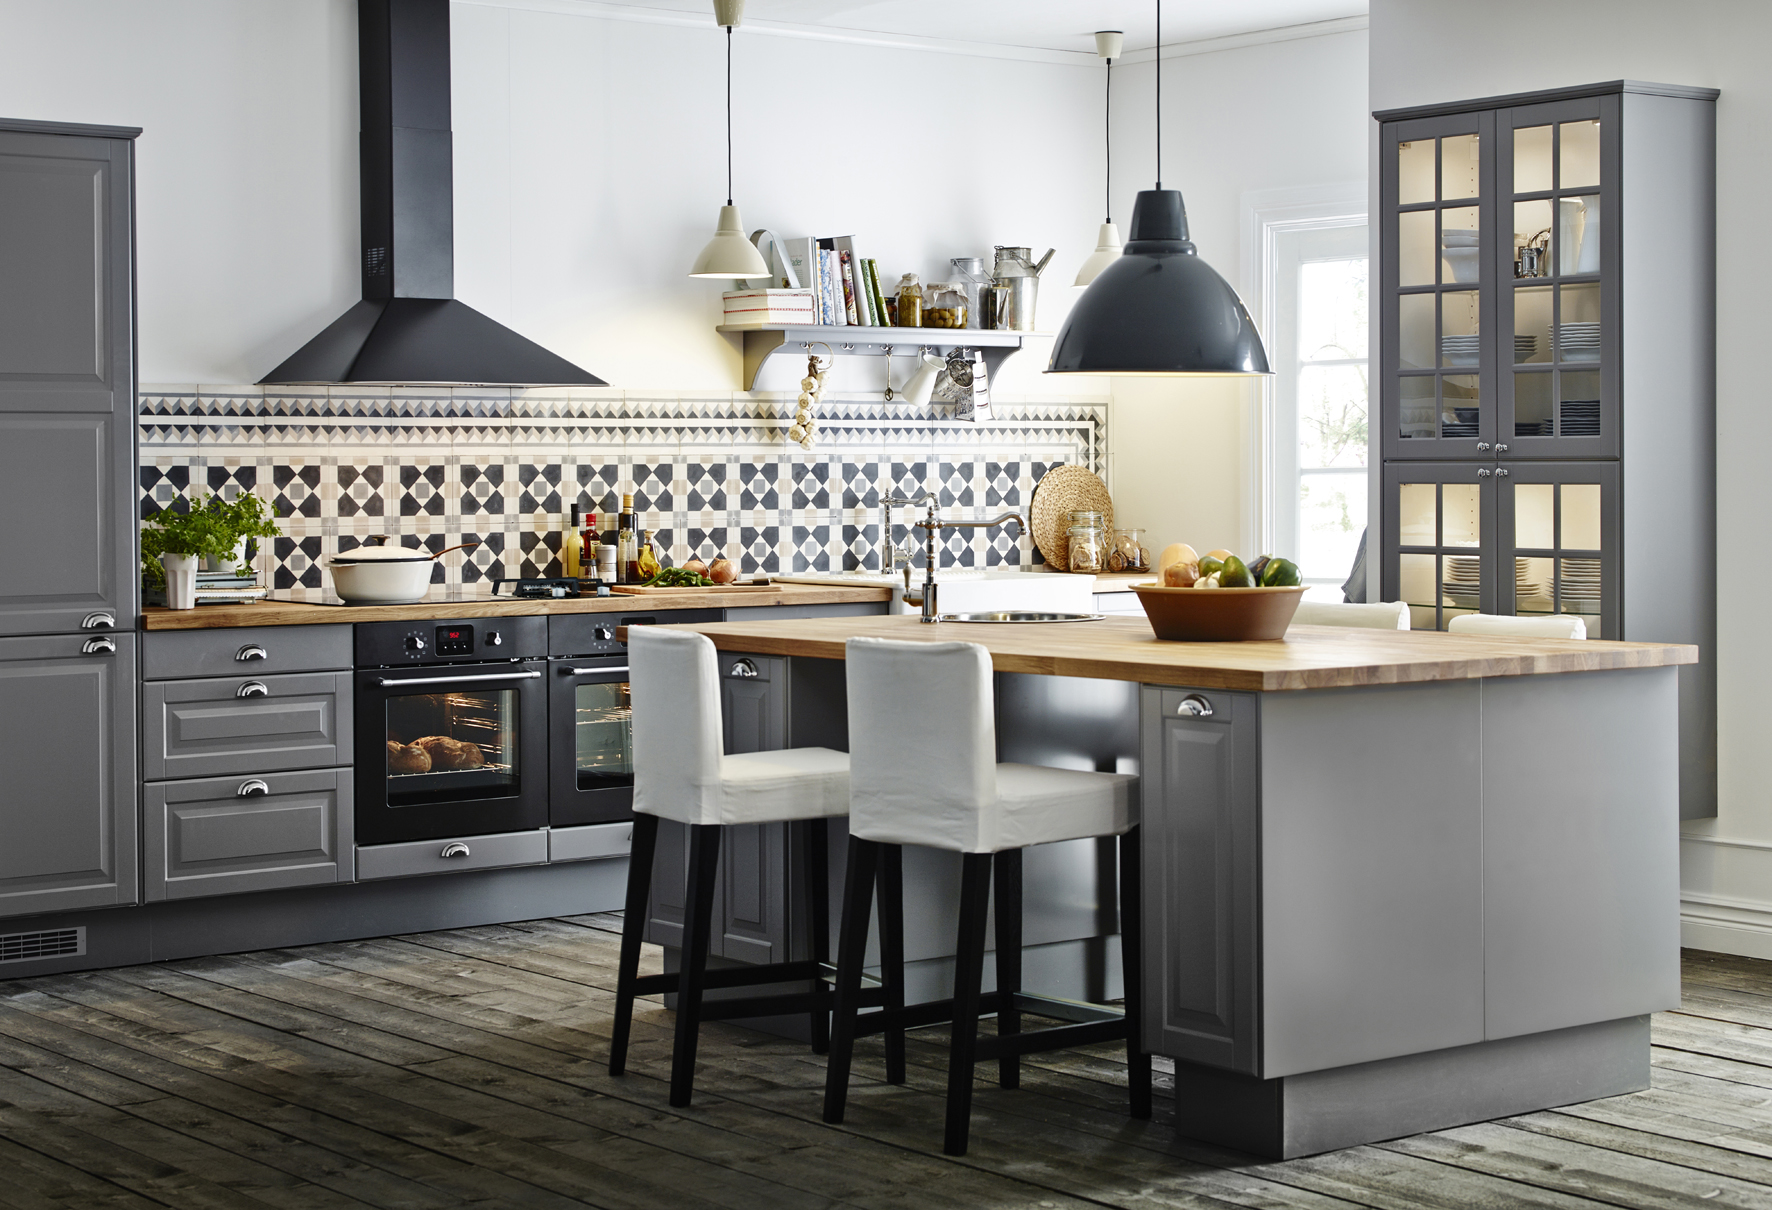 Mooie korting op ikea keukens faktum nieuws startpagina voor keuken idee n uw - Ideeen deco blijven ...